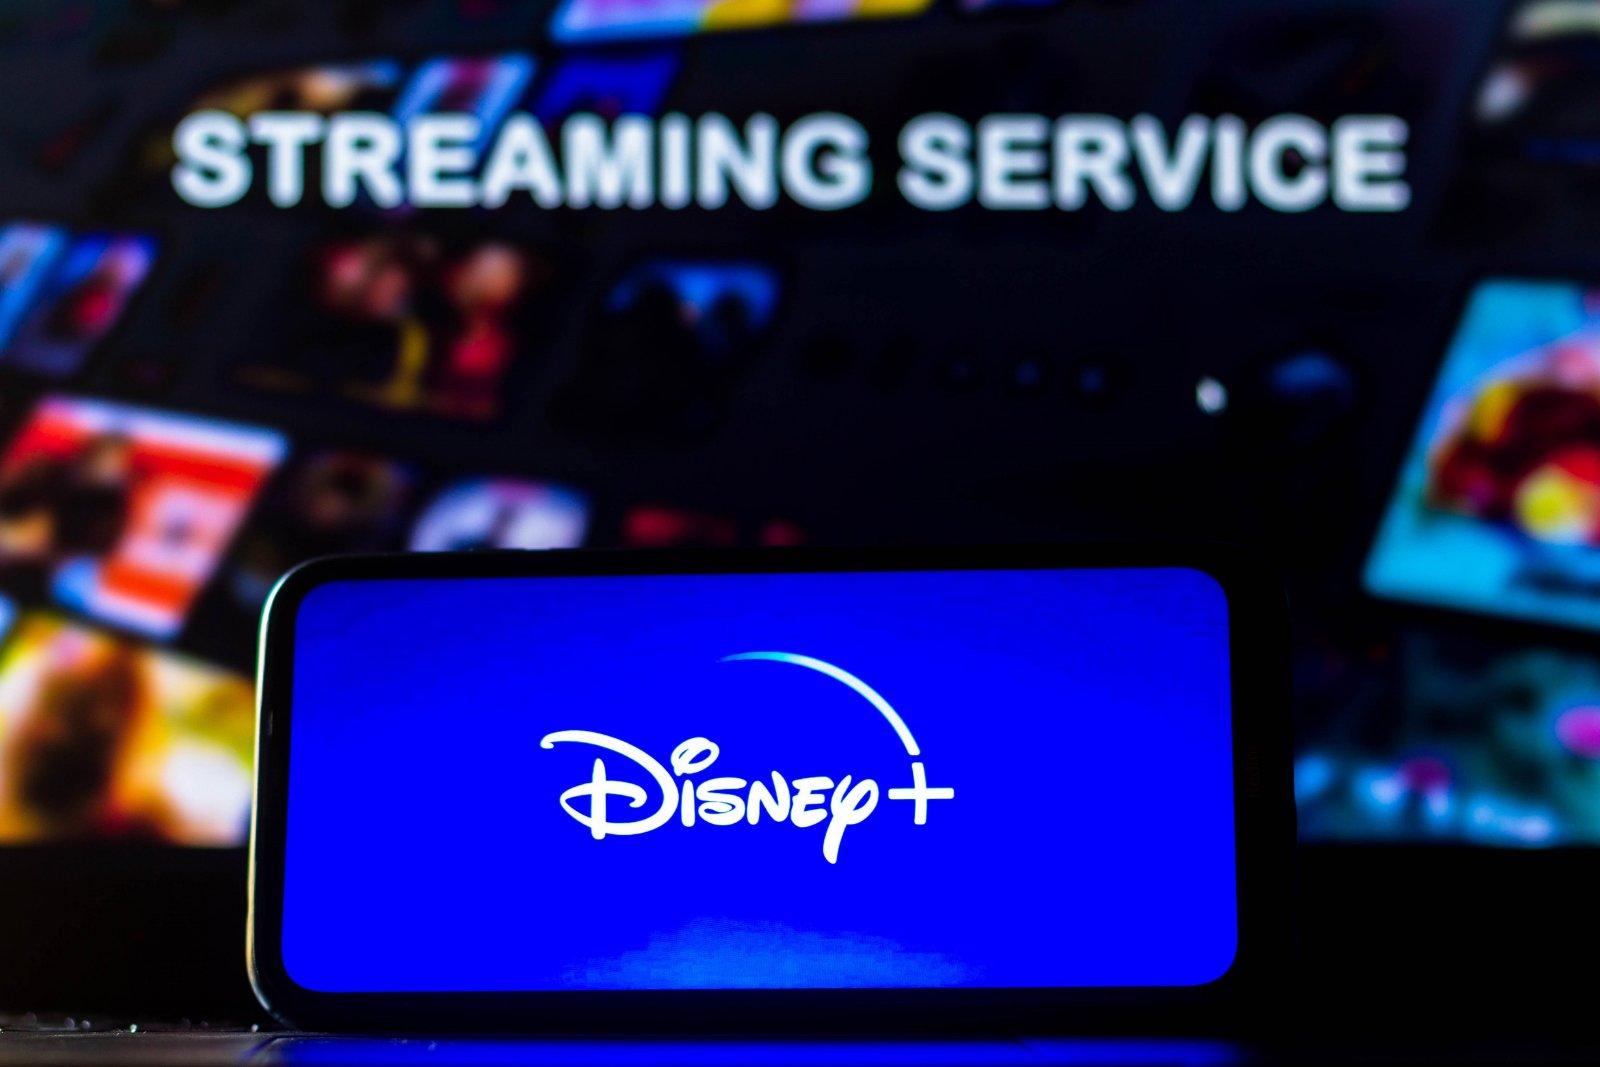 Big box para Disney + que ya alcanza los 116 millones de suscriptores